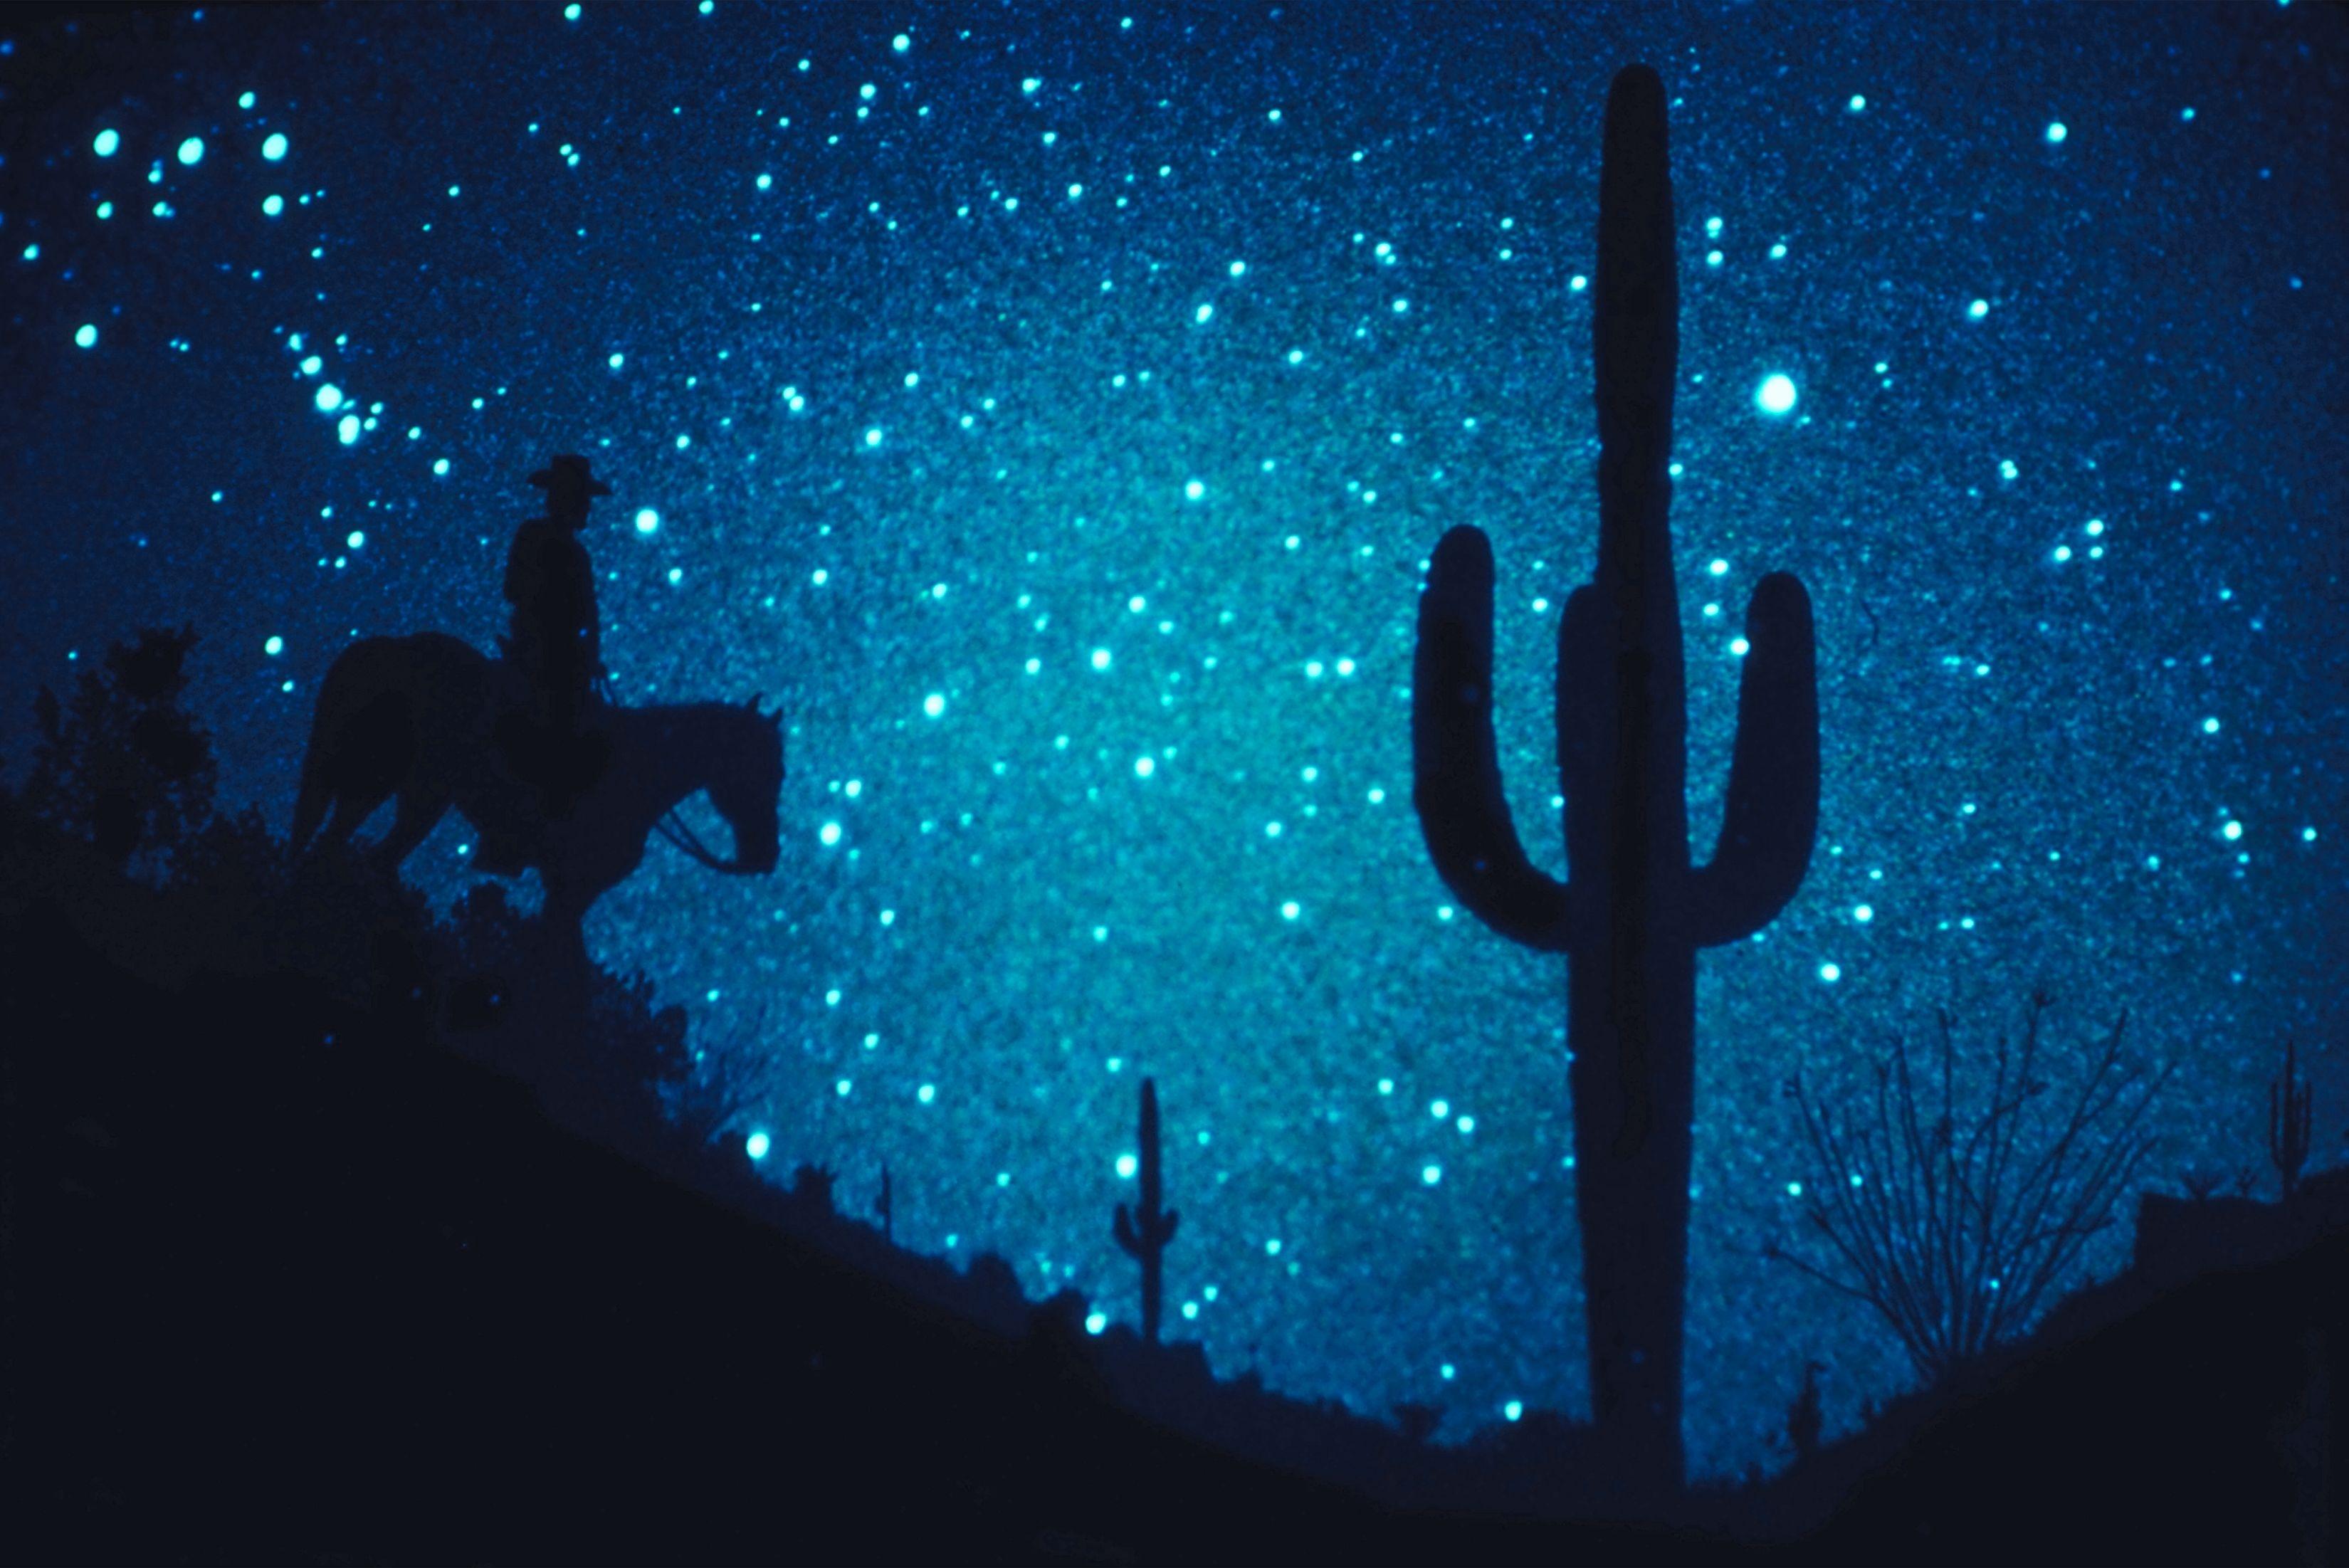 Indicaciones para pintar una noche estrellada  